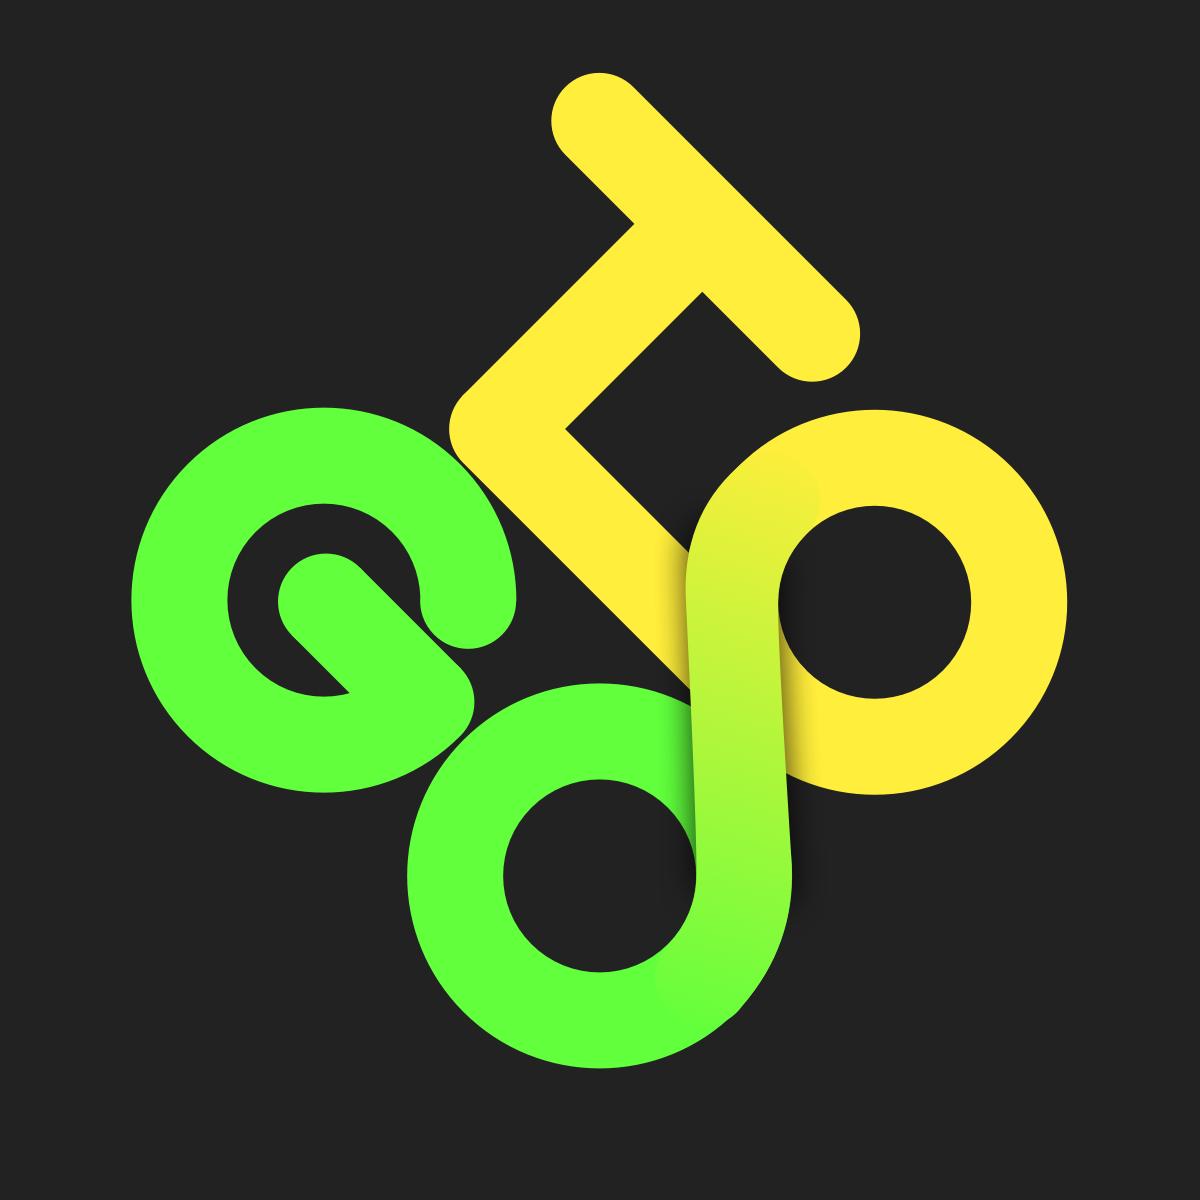 Разработать логотип и экран загрузки приложения фото f_6585a8743f9670ce.png